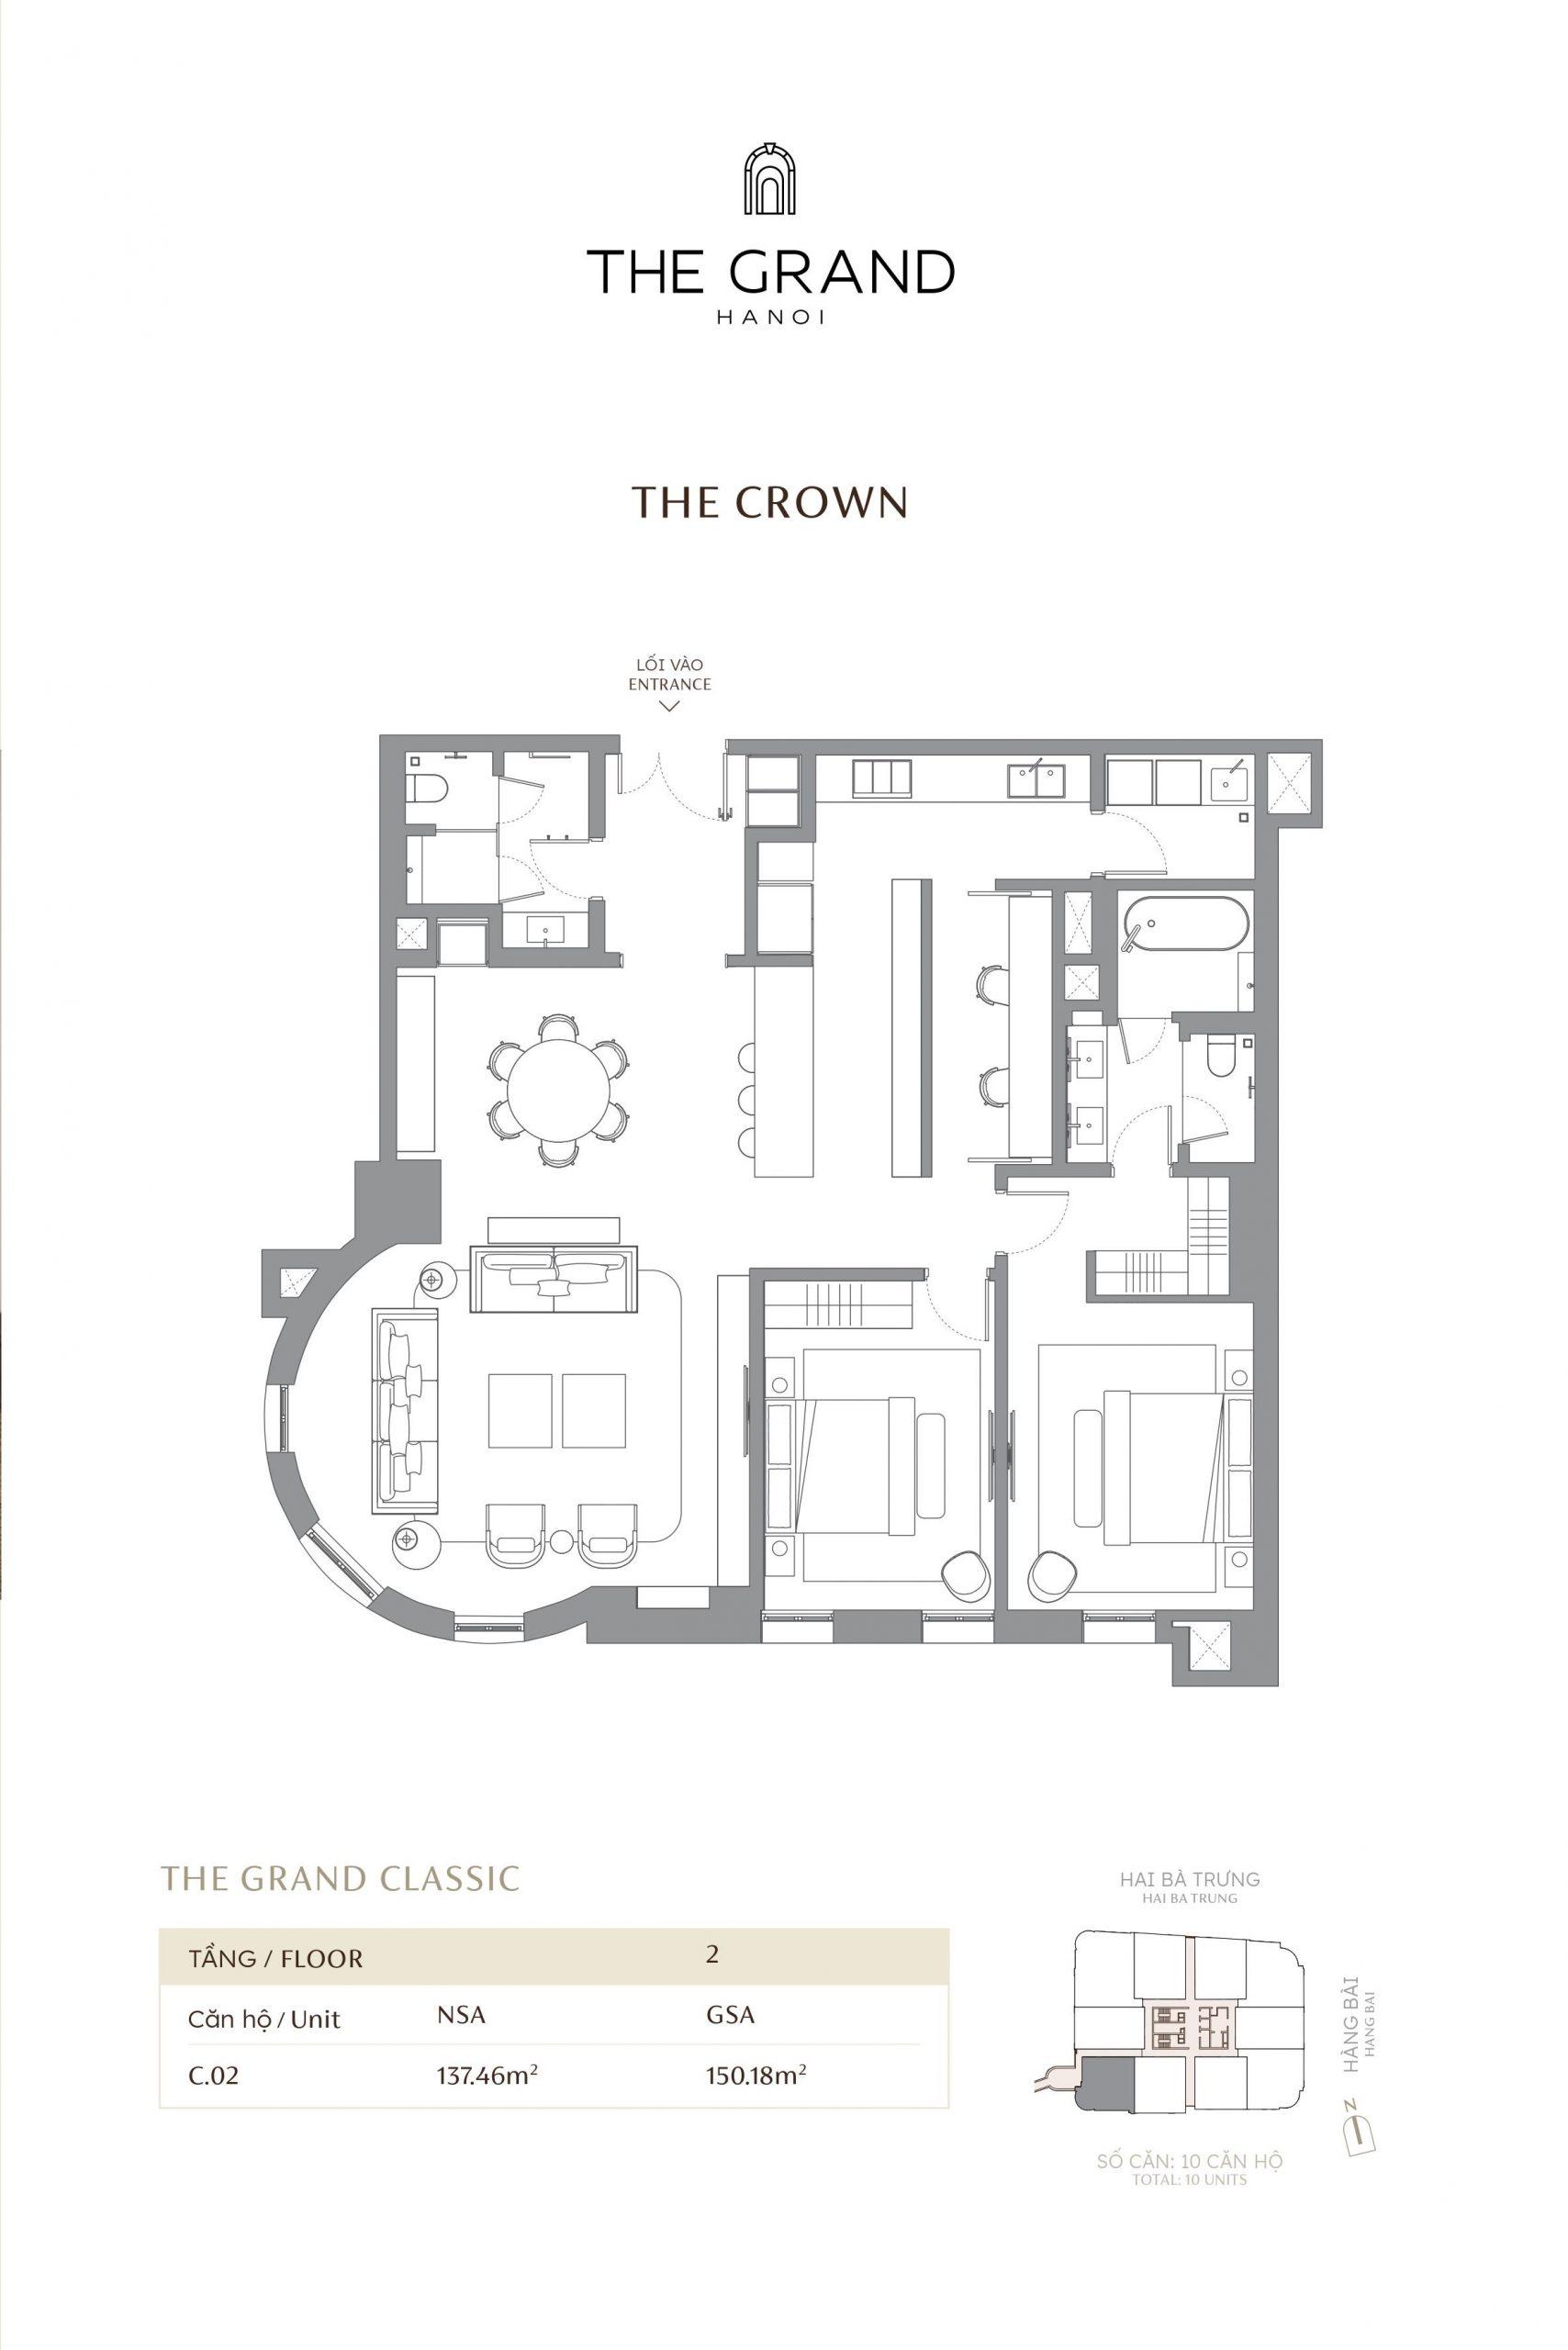 thiết kế căn hộ the crown 2